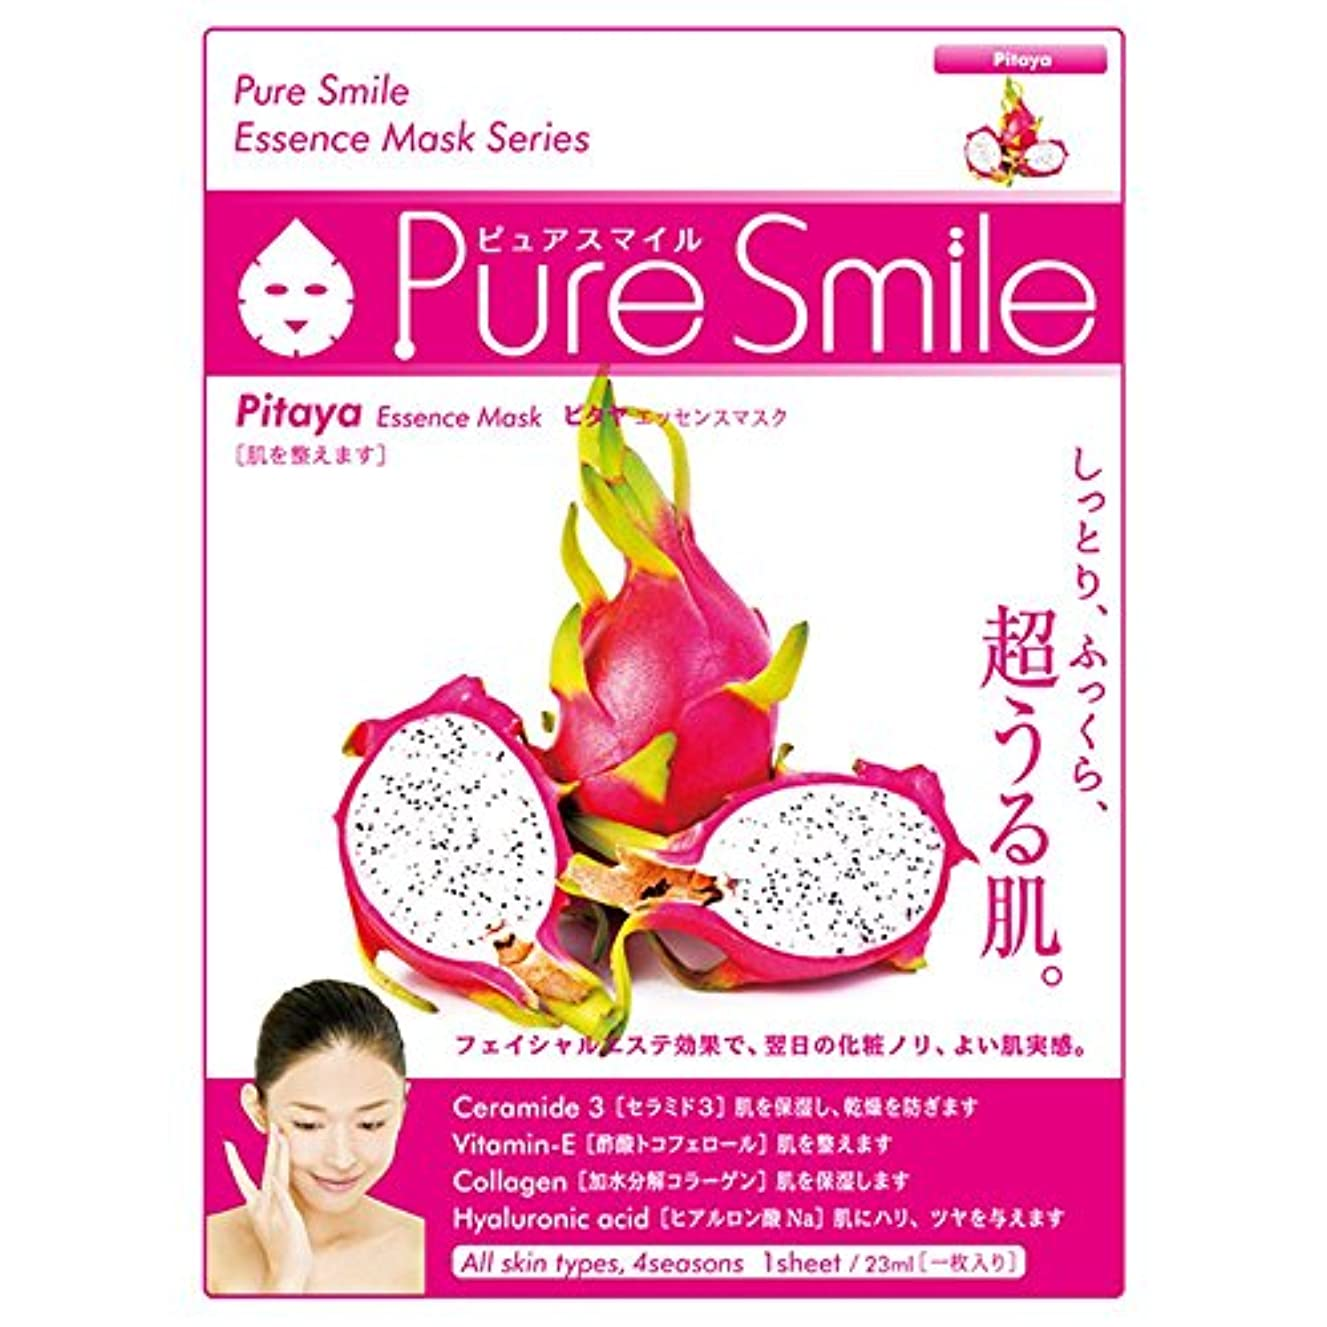 リネン細部懇願するPure Smile/ピュアスマイル エッセンス/フェイスマスク 『Pitaya/ピタヤ(ドラゴンフルーツ)』